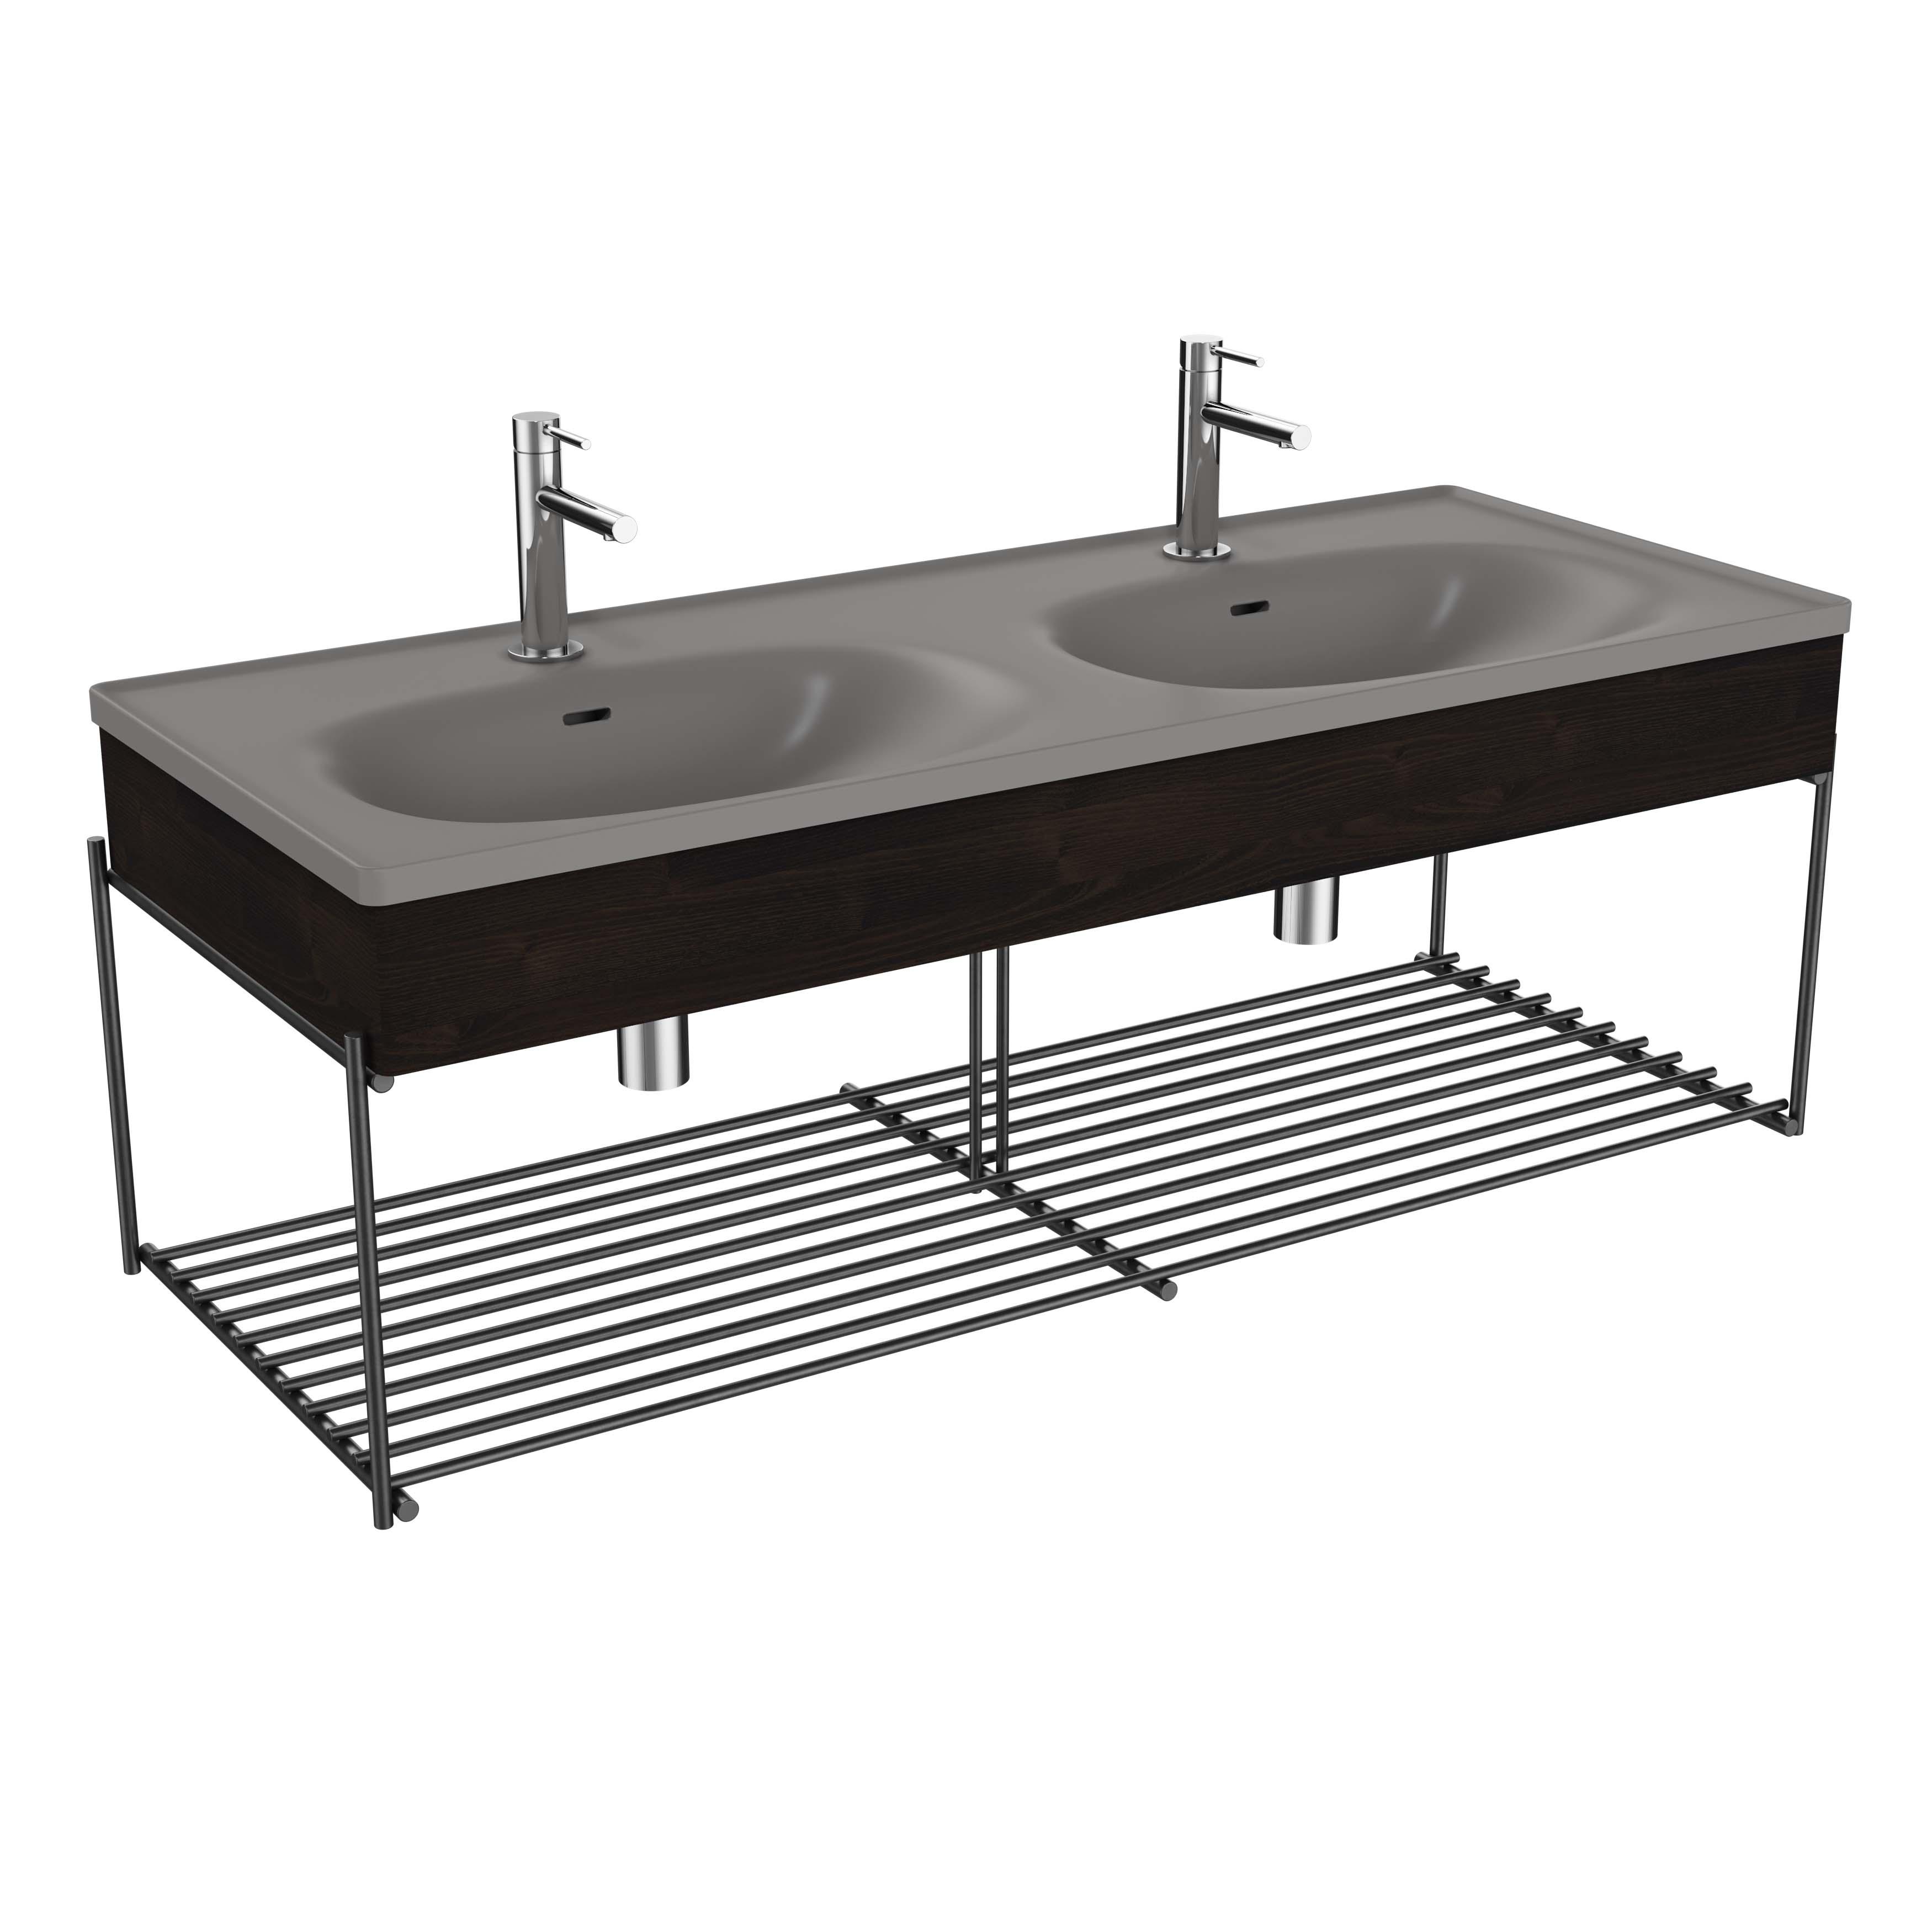 Equal plan céramique, lavabo double, panneau en bois, étagère, 130 cm, gris pierre mat / orme